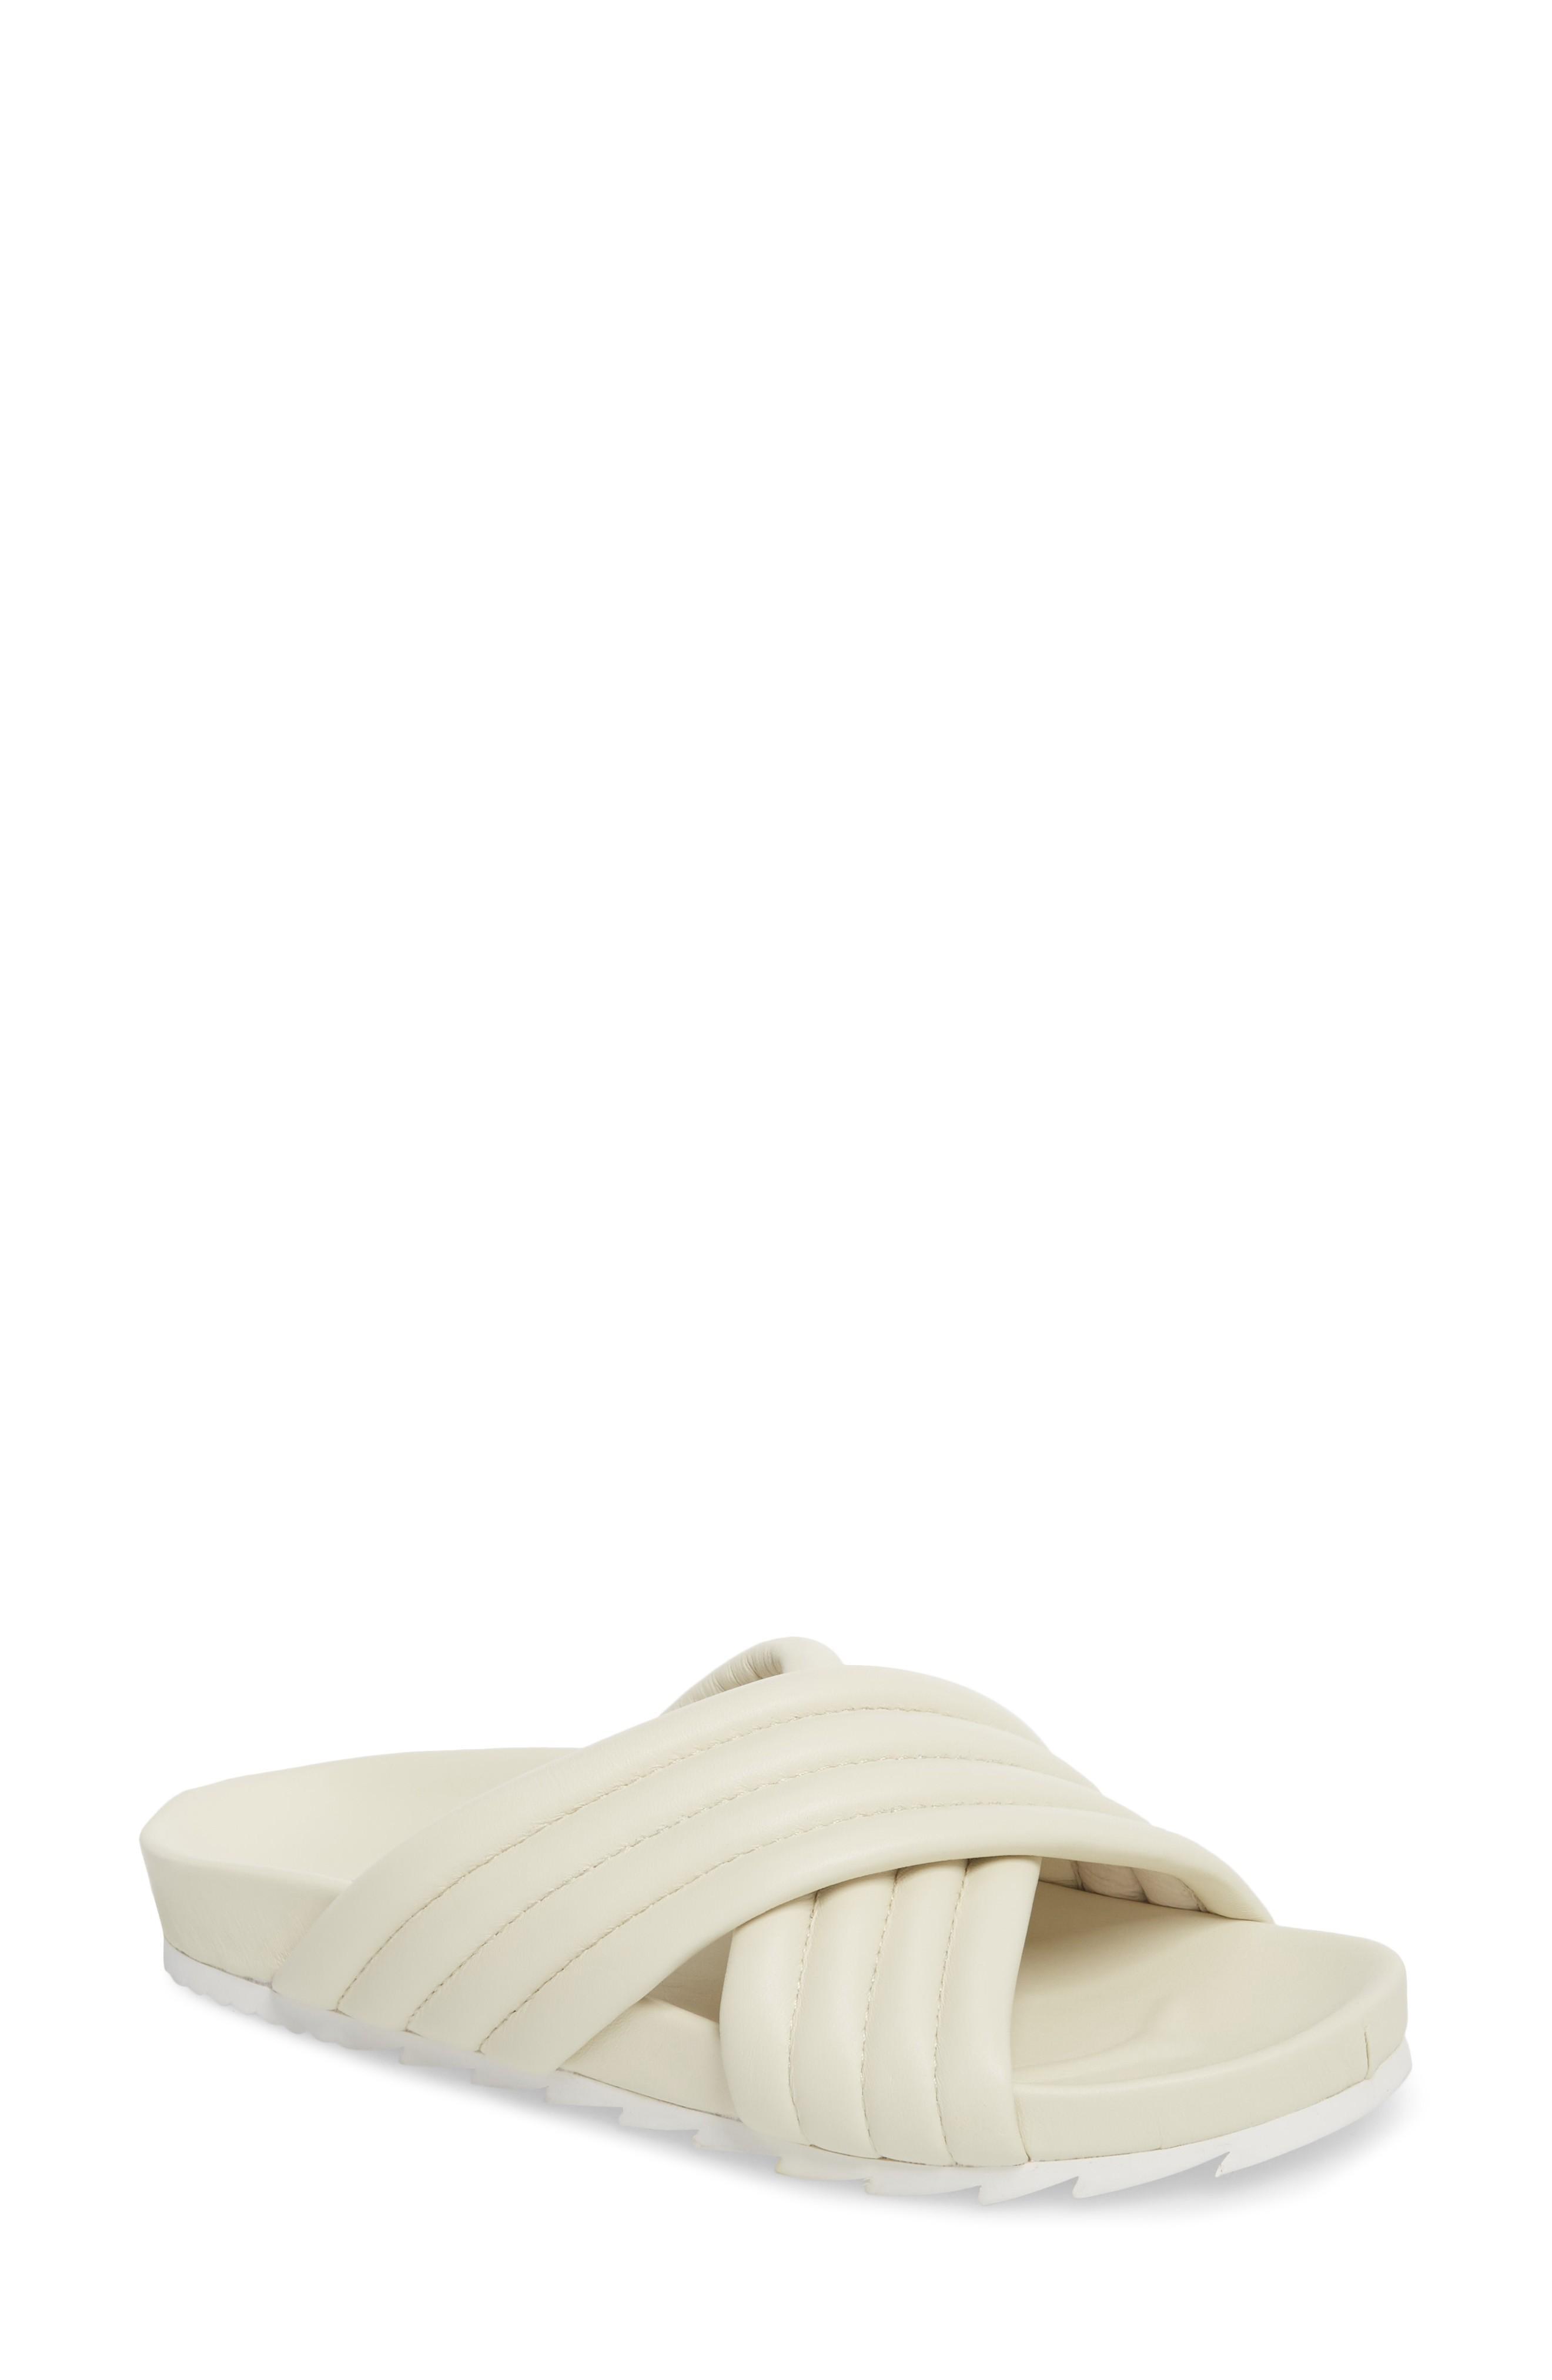 Jslides Easy Slide Sandal In Off White Leather